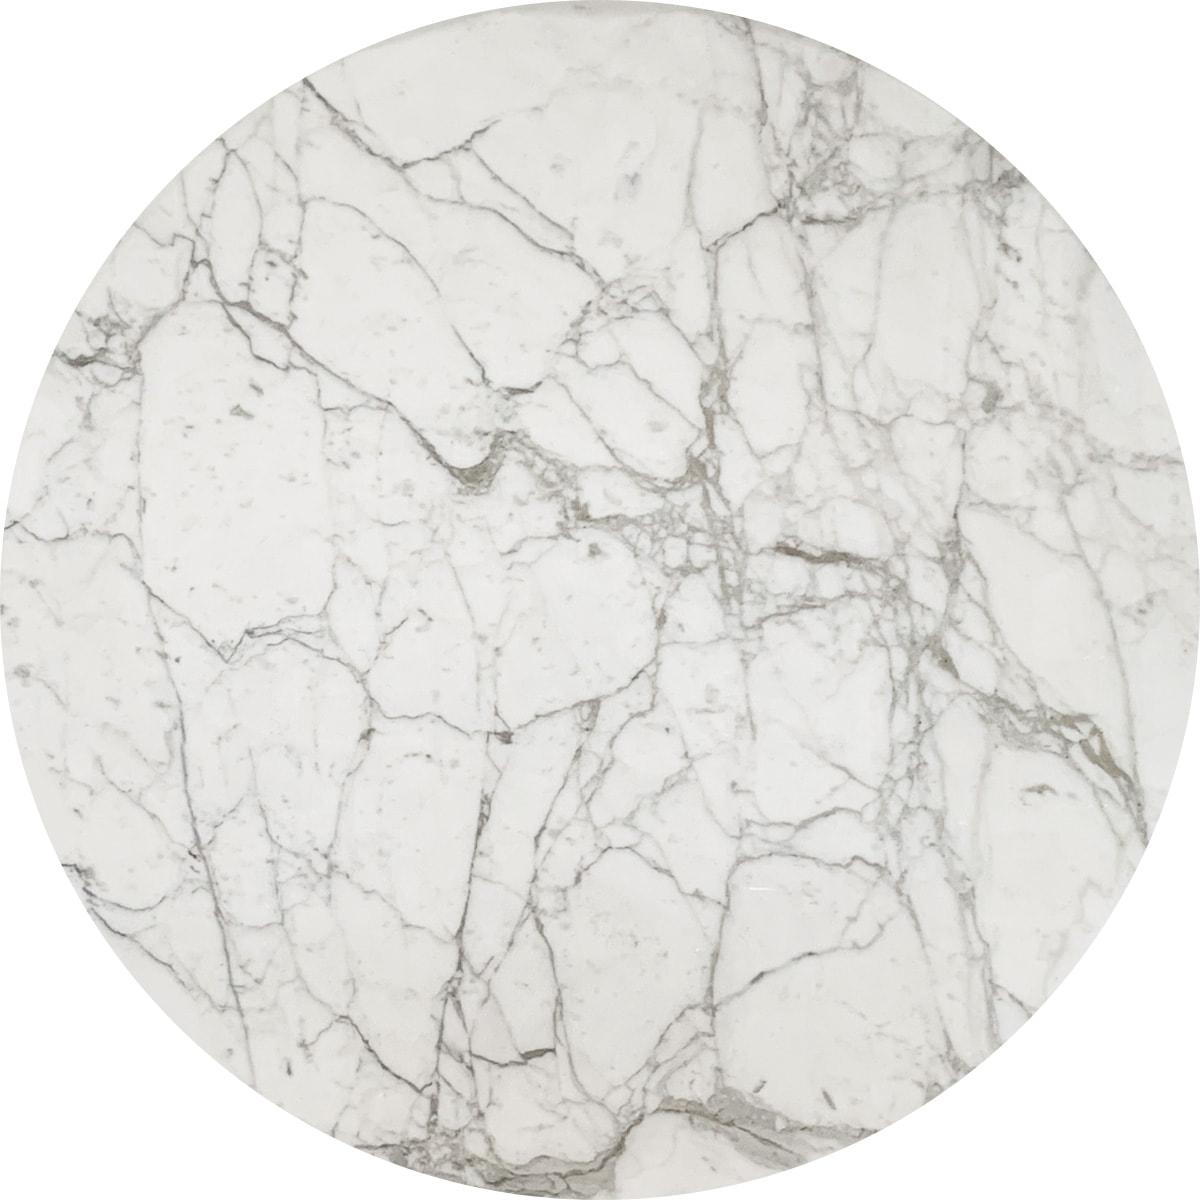 Saarinen Collection Round Tables(サーリネンテーブル)Φ1370mm アラベスカート 164TRMA2 (007)